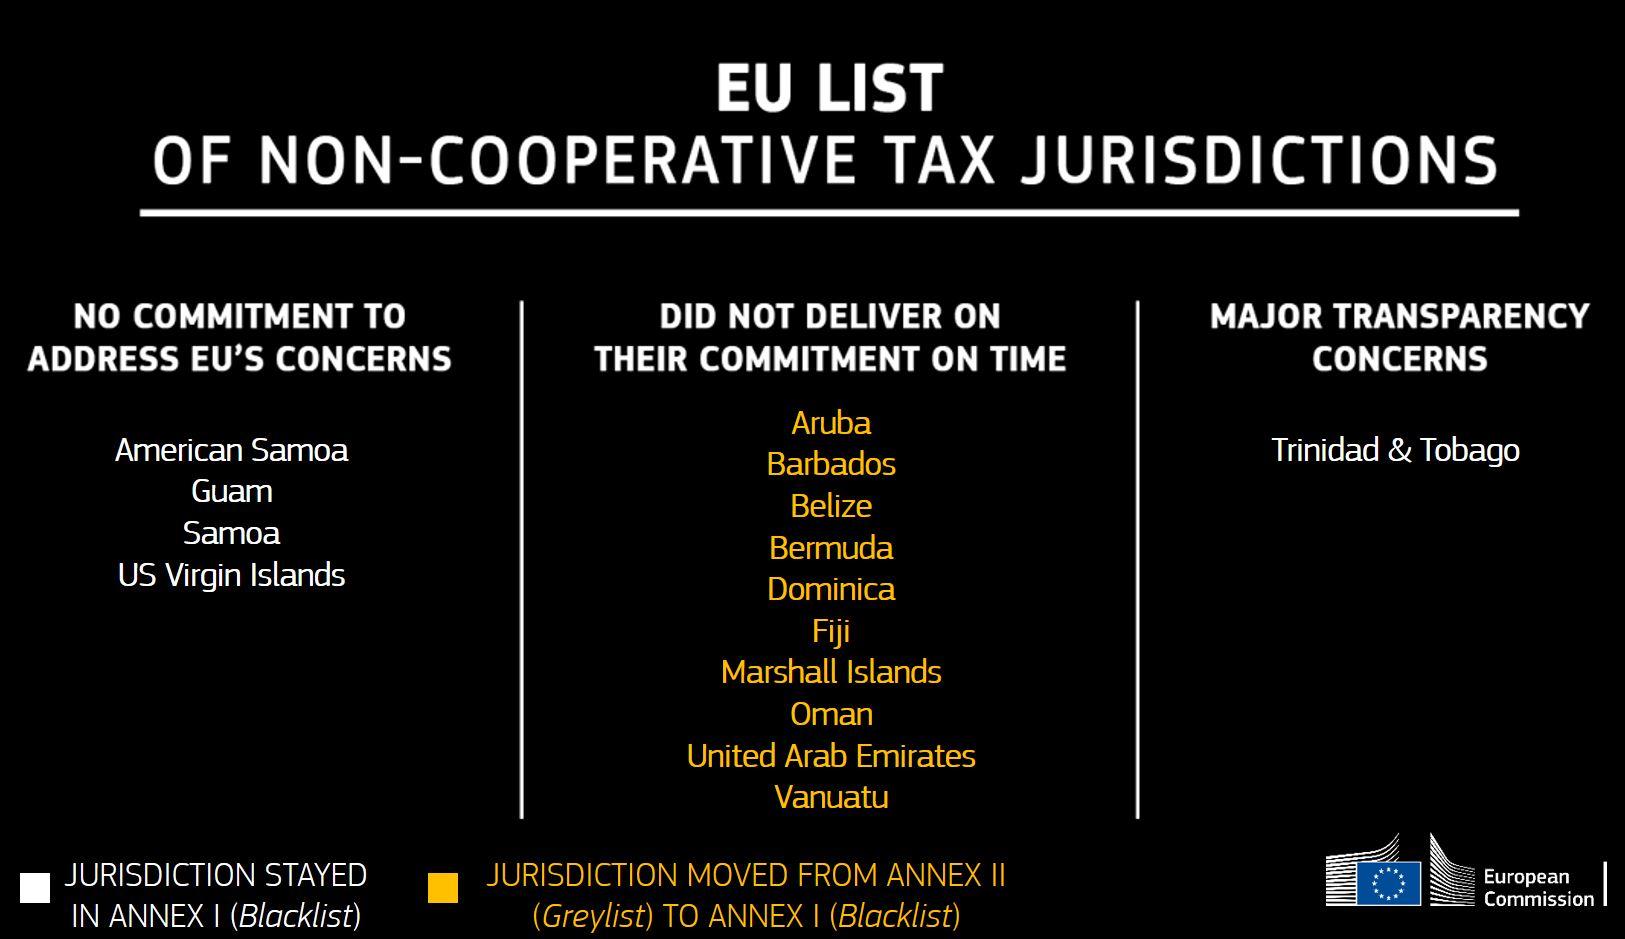 EU non cooperative tax jurisdictions international tax advisors inc international tax accountant CPA miami doral